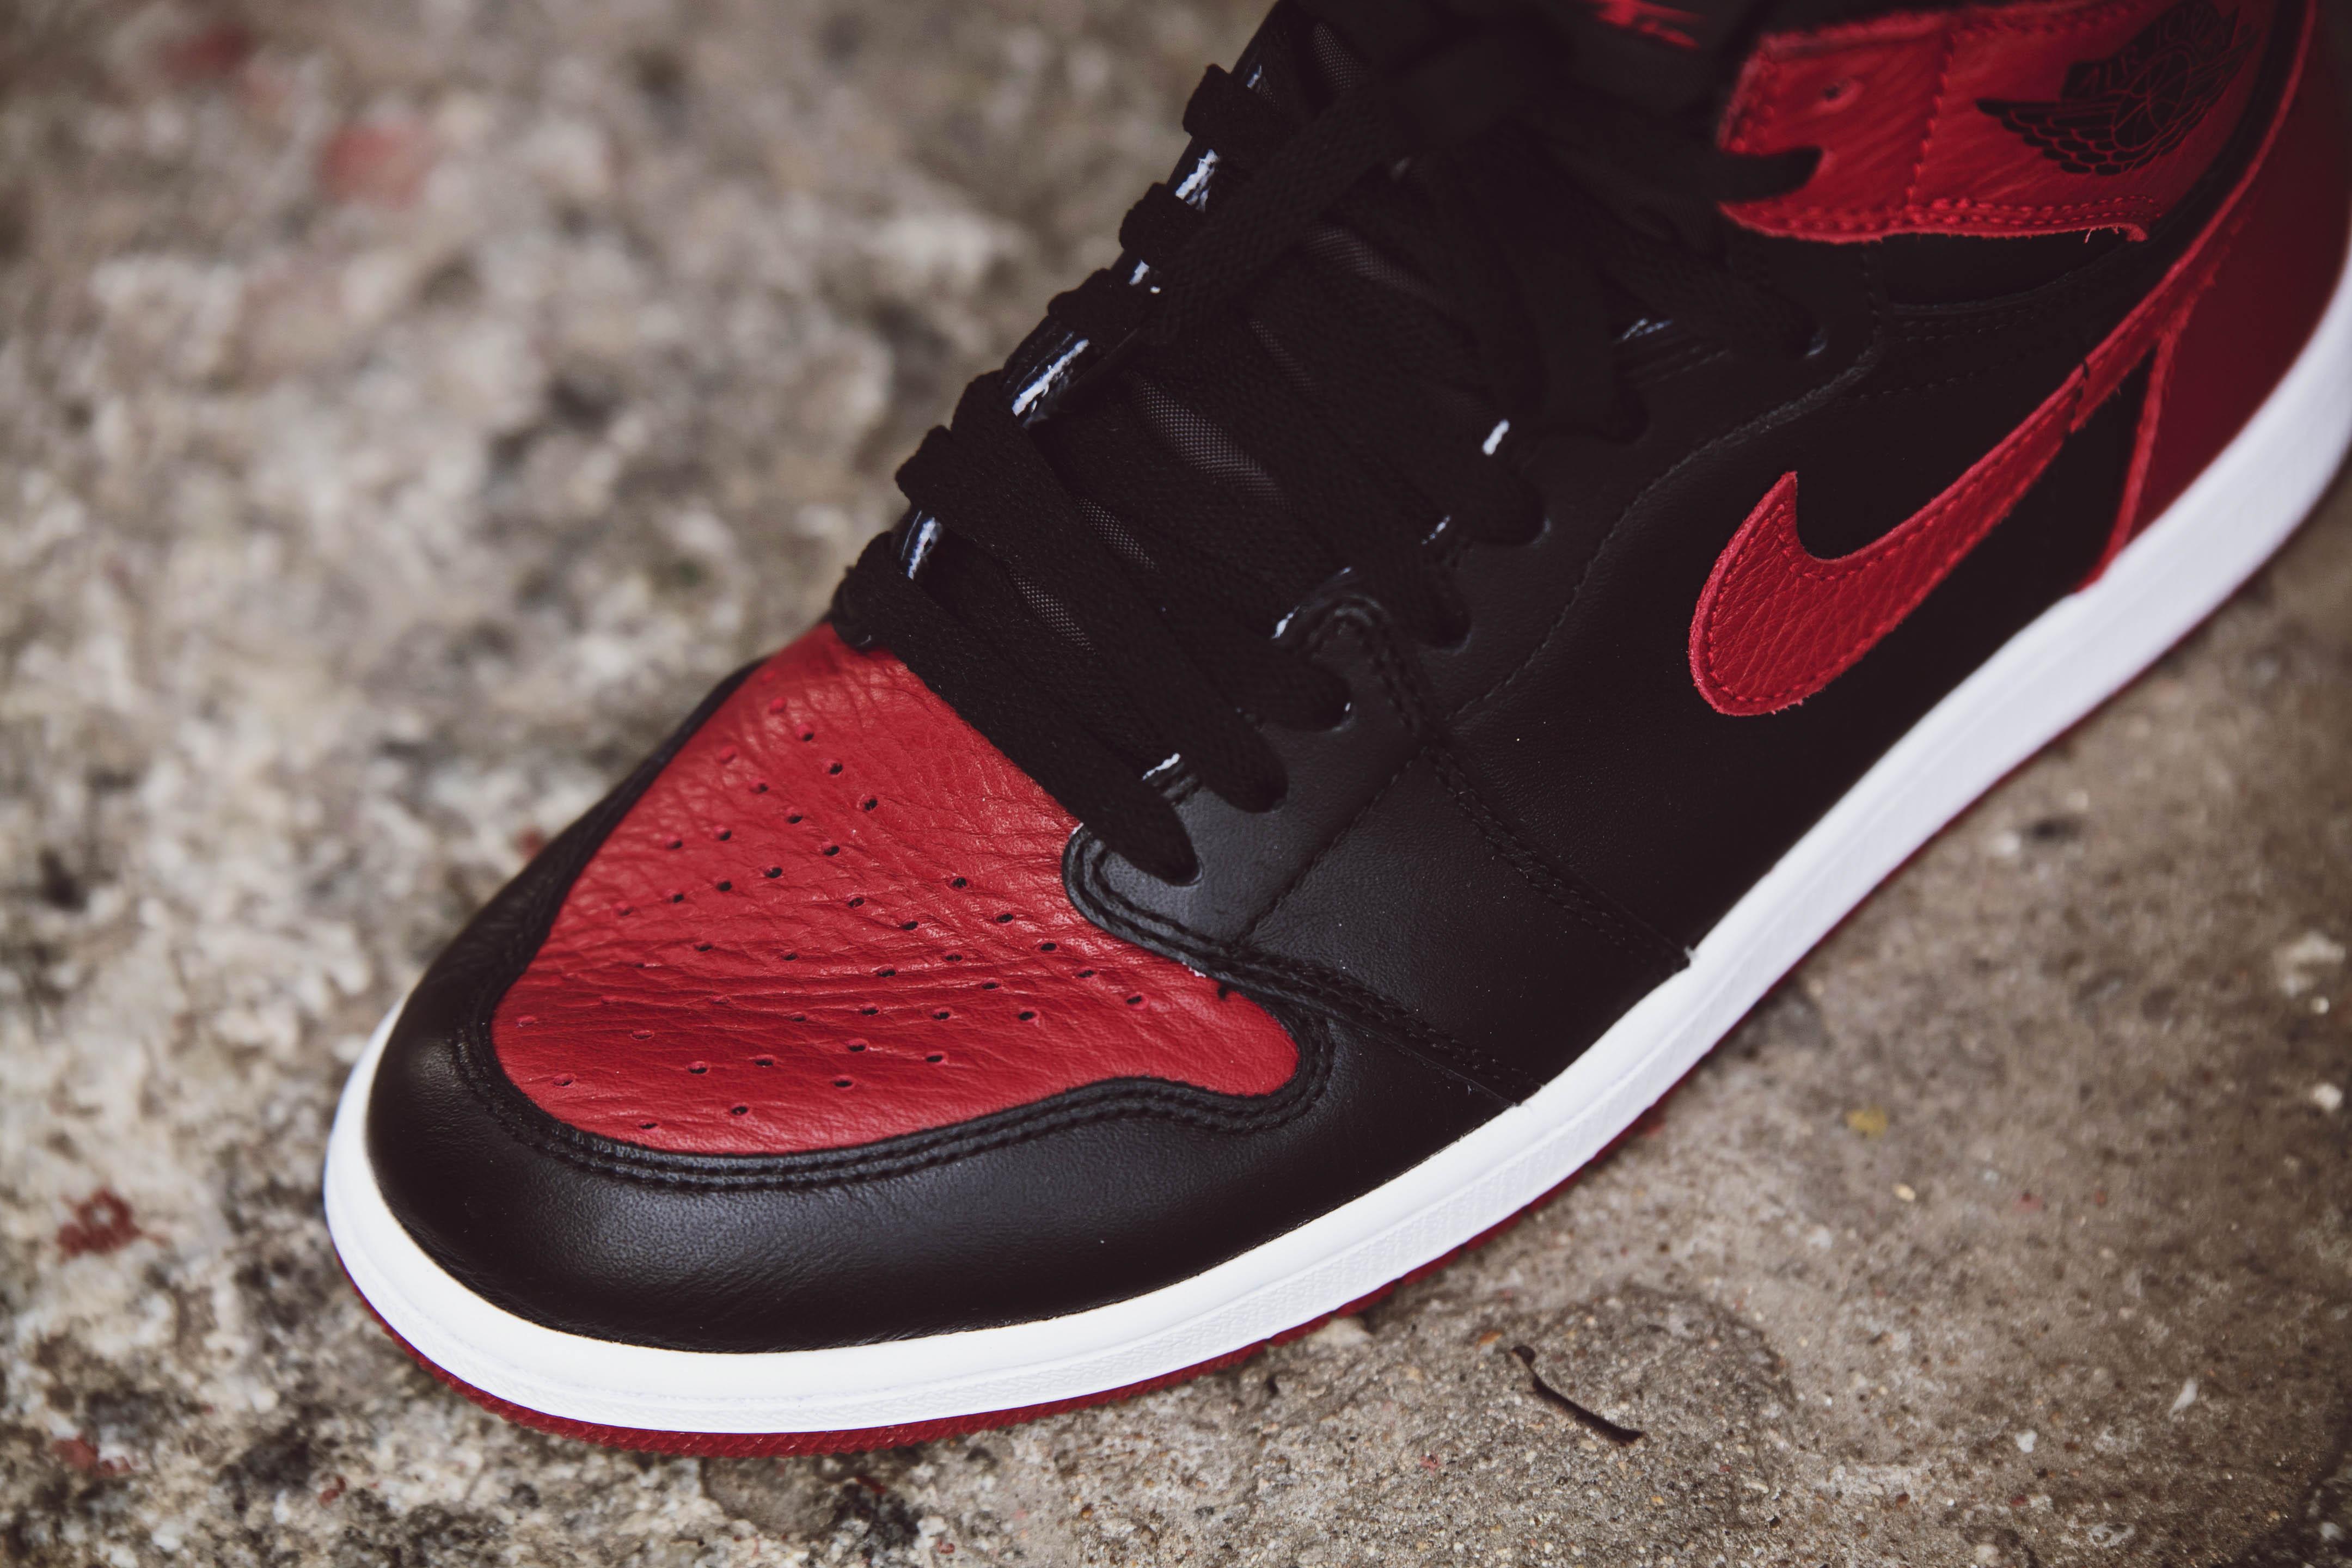 Nike Air Jordan 1 Bred – Up Close and